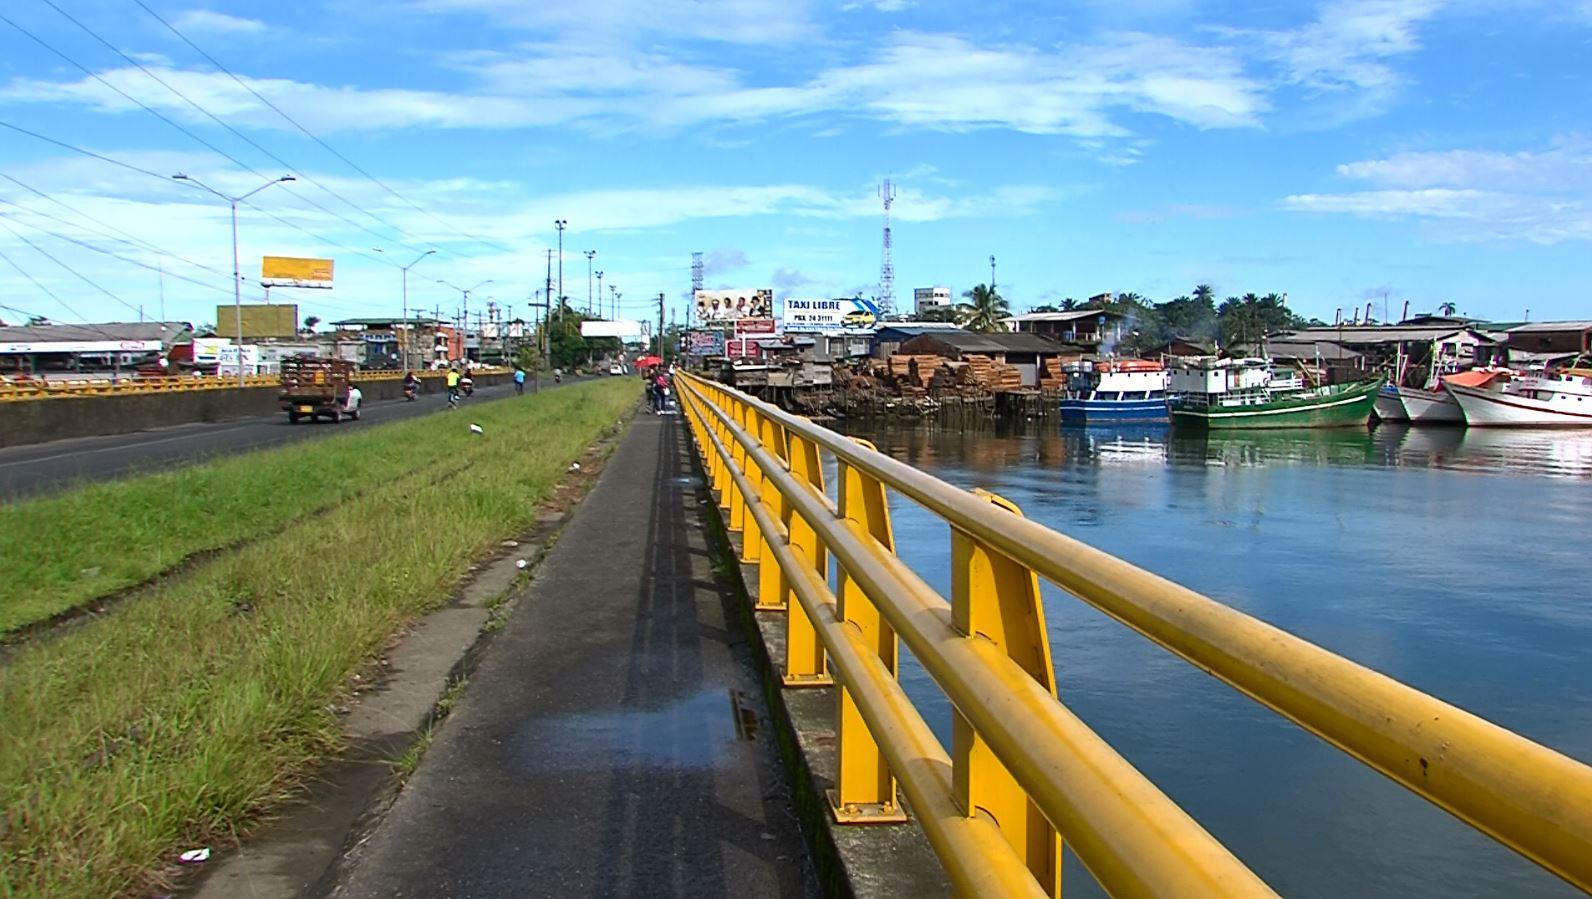 Histórica reducción de homicidios en Buenaventura: 22 días sin muertes violentas